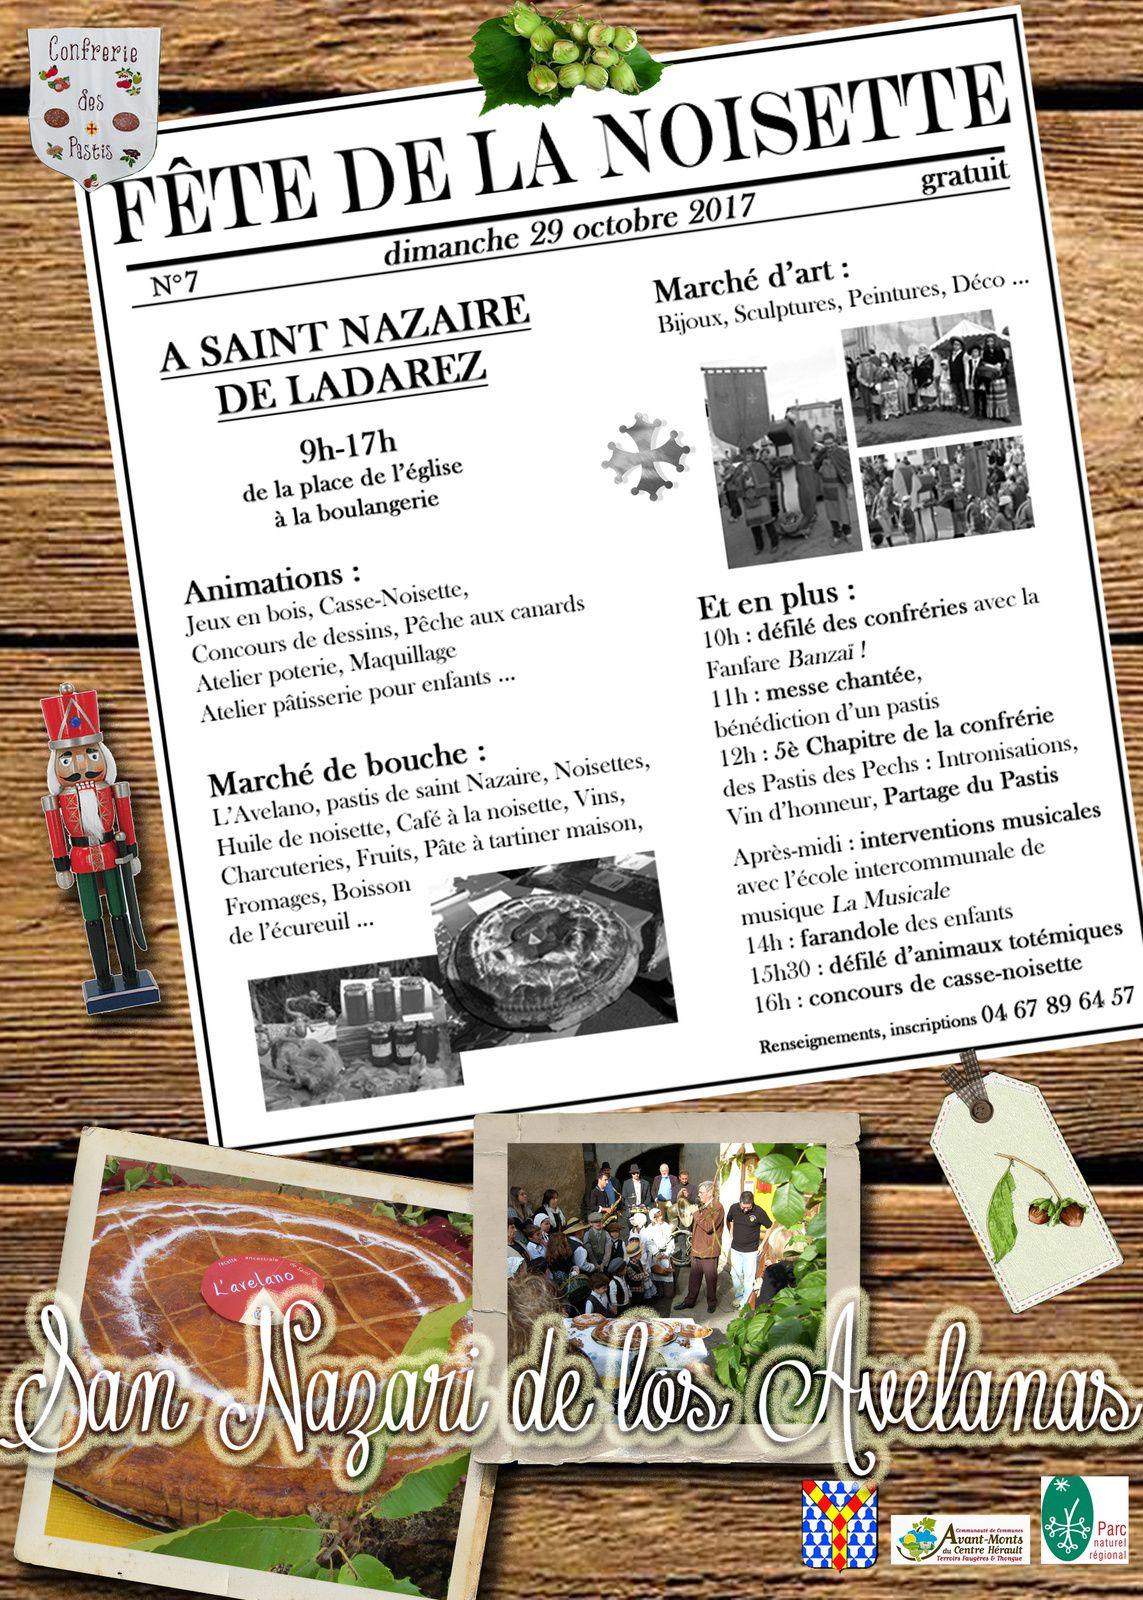 FÊTE DE LA NOISETTE-DIMANCHE 29 OCTOBRE